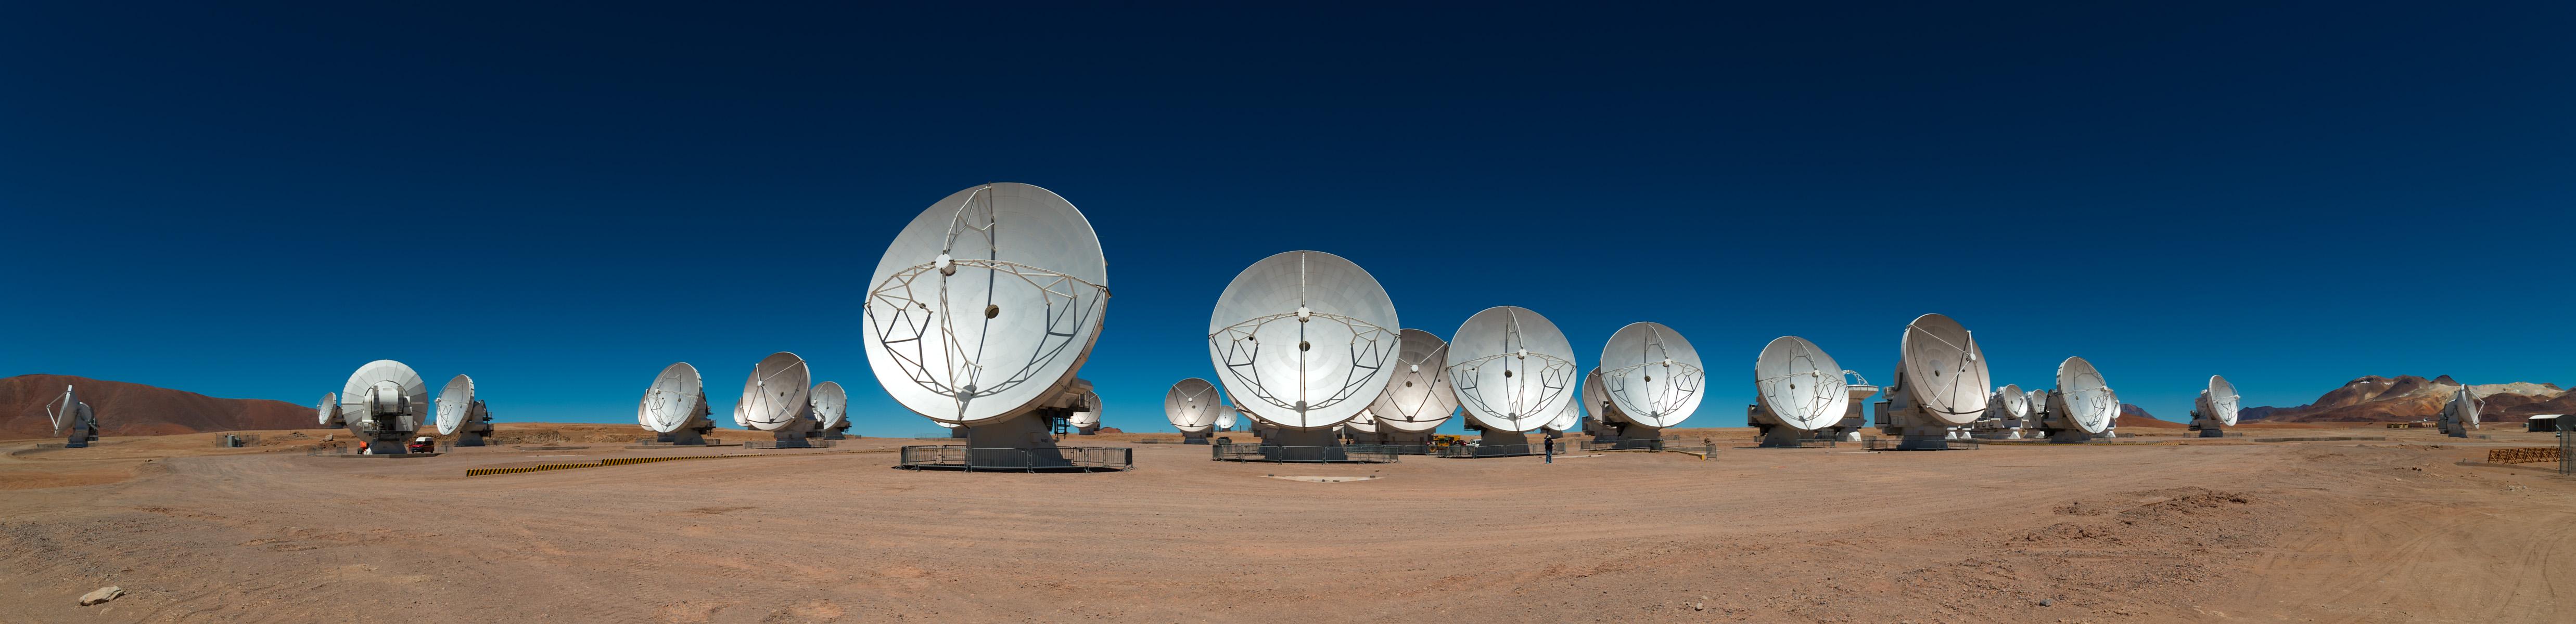 位于智利的阿塔卡玛大型毫米及次毫米波阵列 (ALMA) ,于 2013 年正式启用,中研院参与其建造及营运。其灵敏度比前一代的 SMA 高出几个数量级。 摄影│王为豪